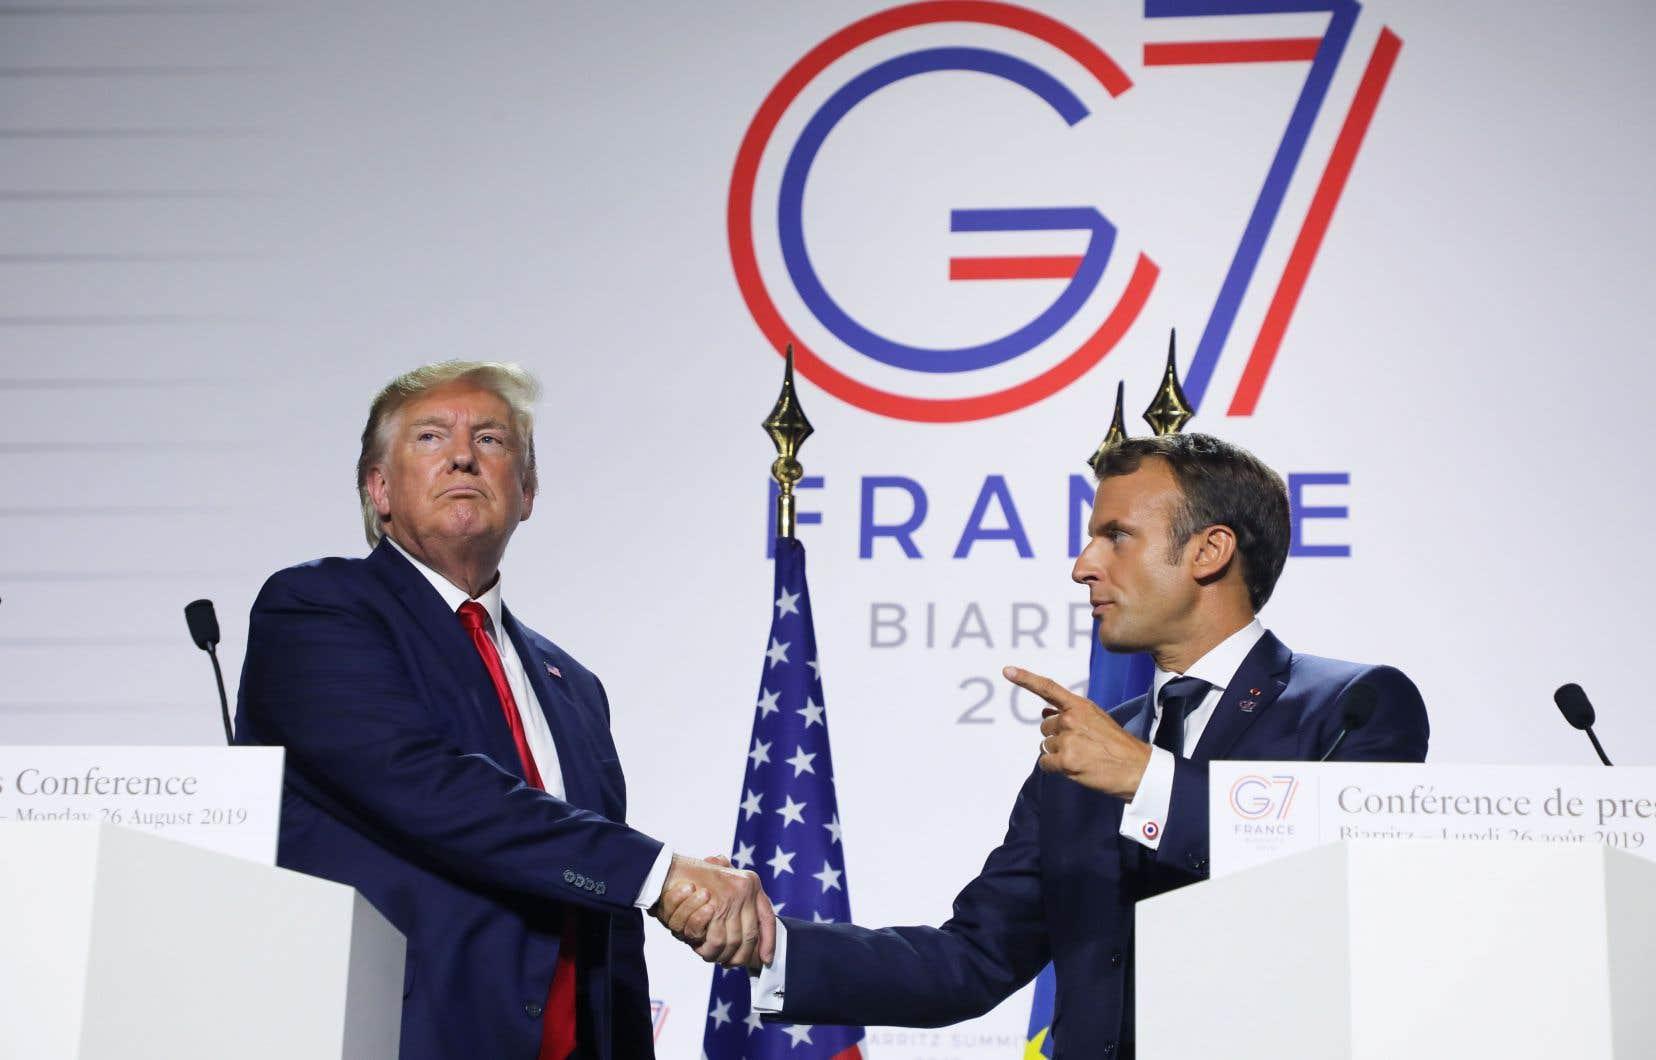 Donald Trump s'est montré ouvert à une rencontre avec son homologue iranien lors d'une conférence de presse commune avec Emmanuel Macron.